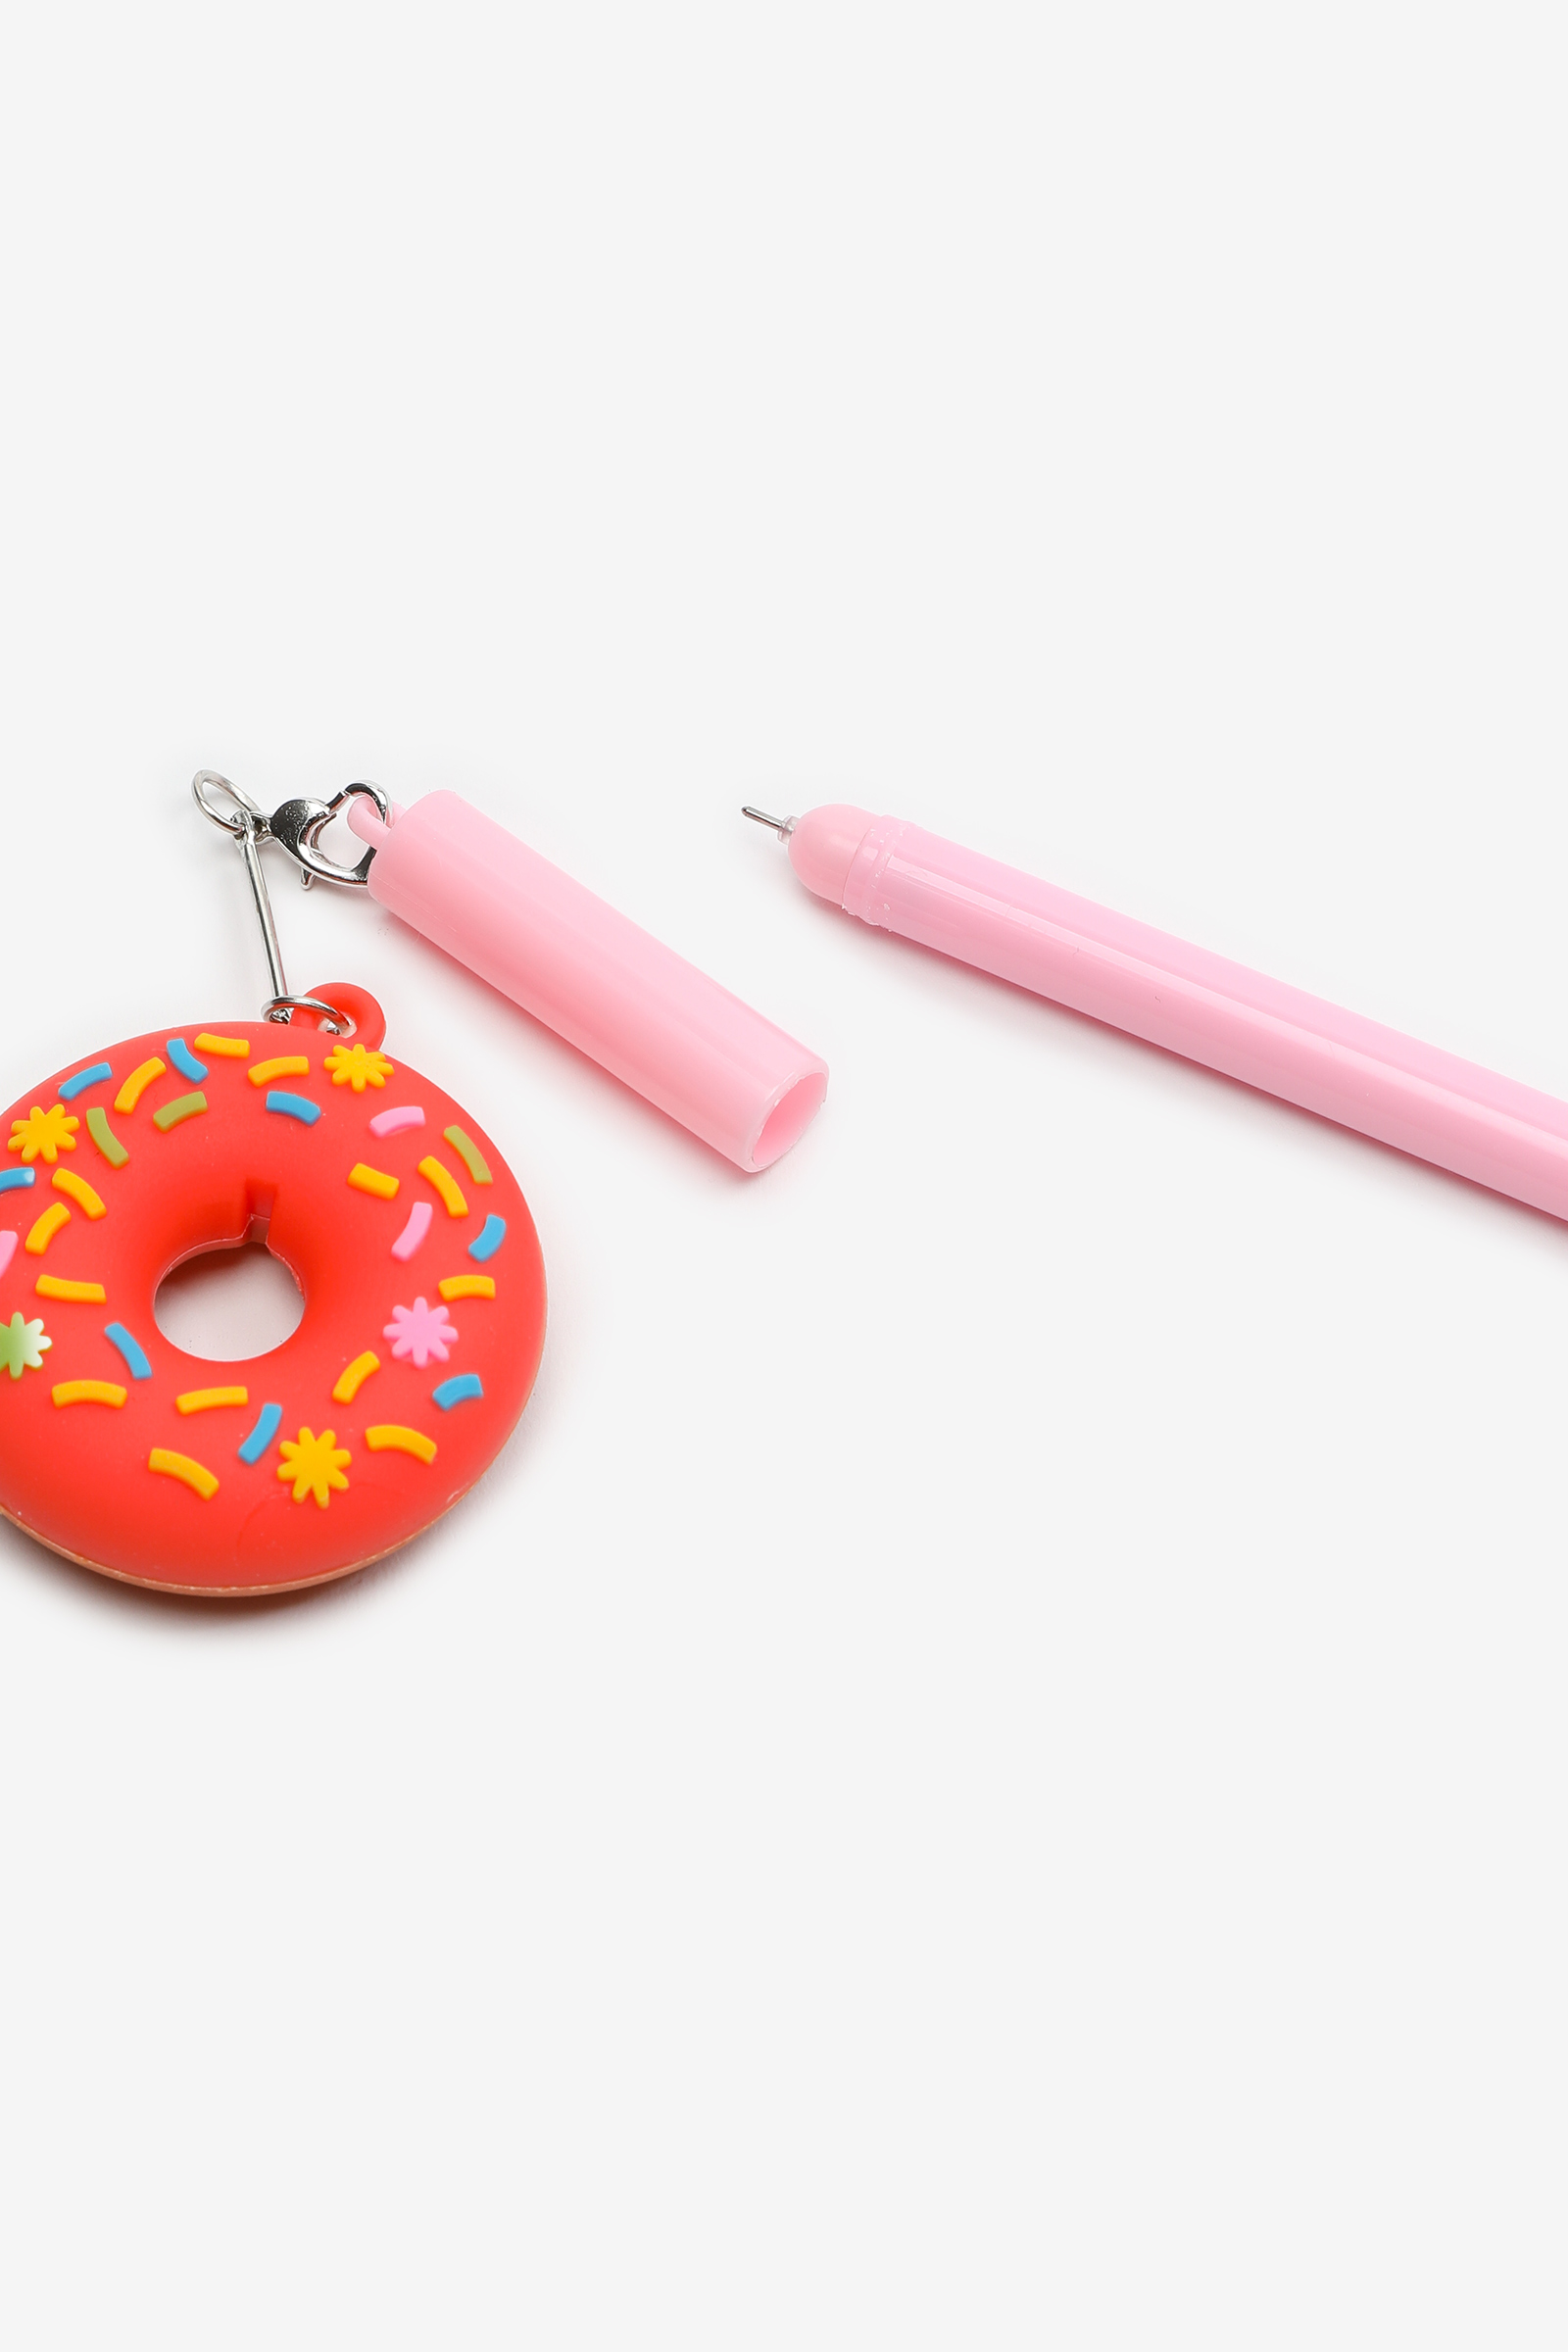 Donut Pen